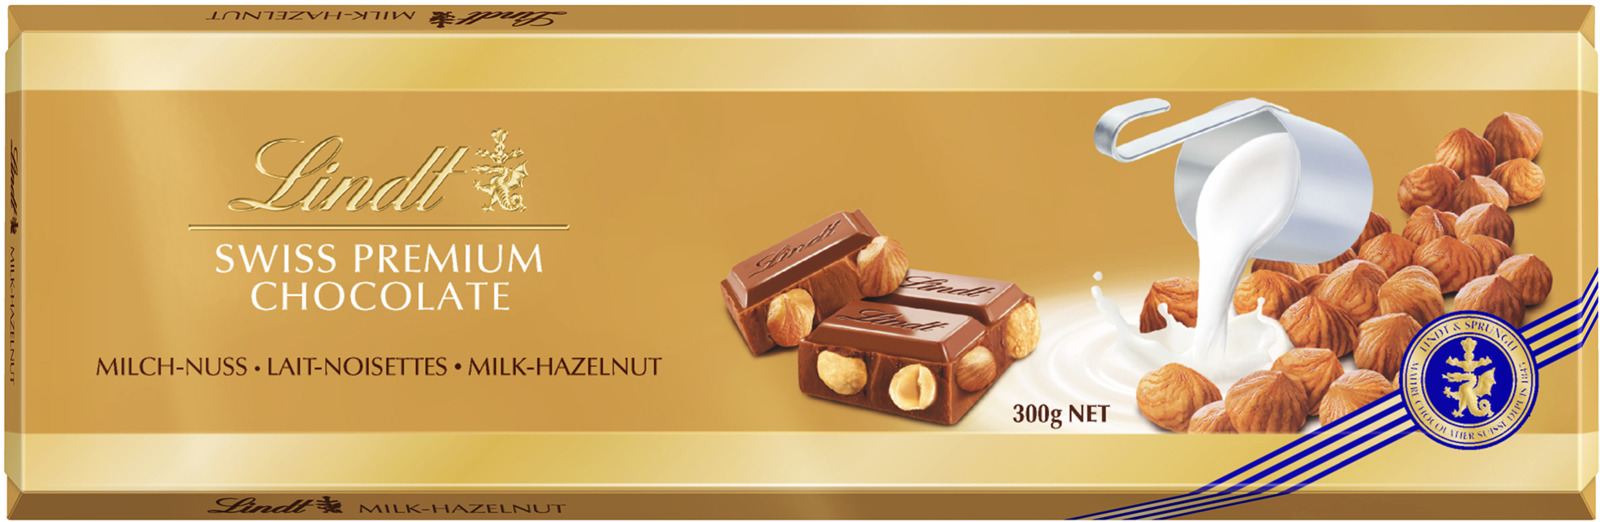 Lindt Gold молочный шоколад с цельным фундуком, 300 г шоколад lindt lindor молочный 200г